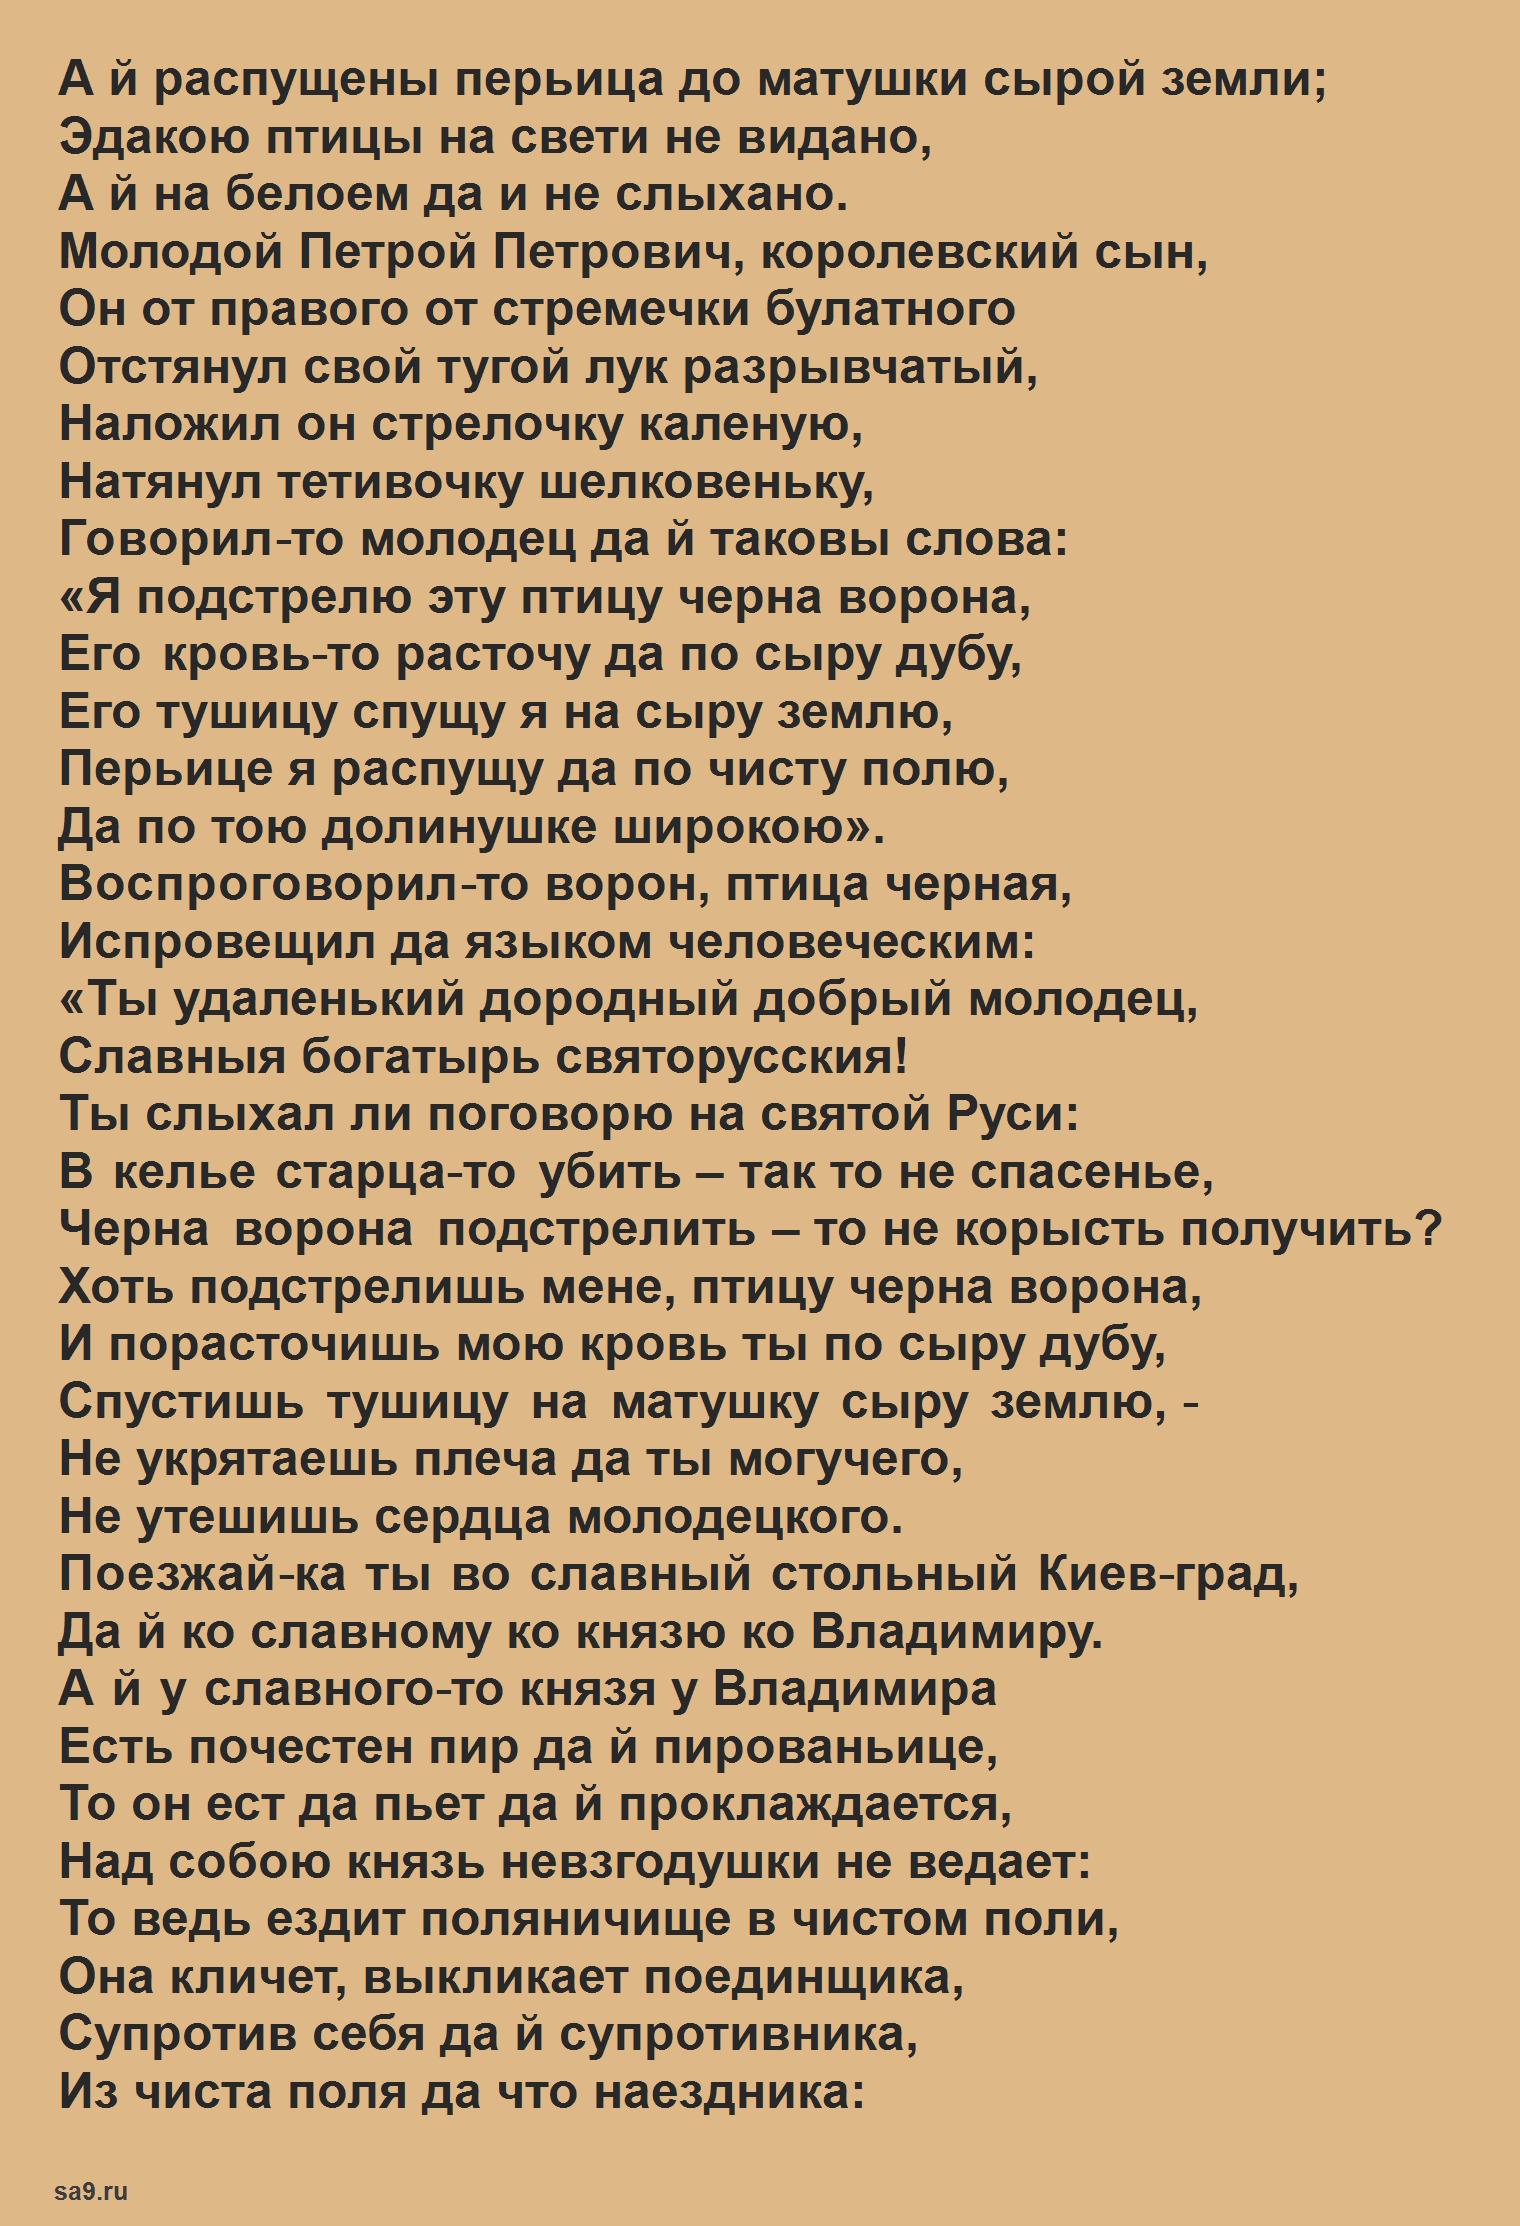 Былина - Королевичи из Крякова